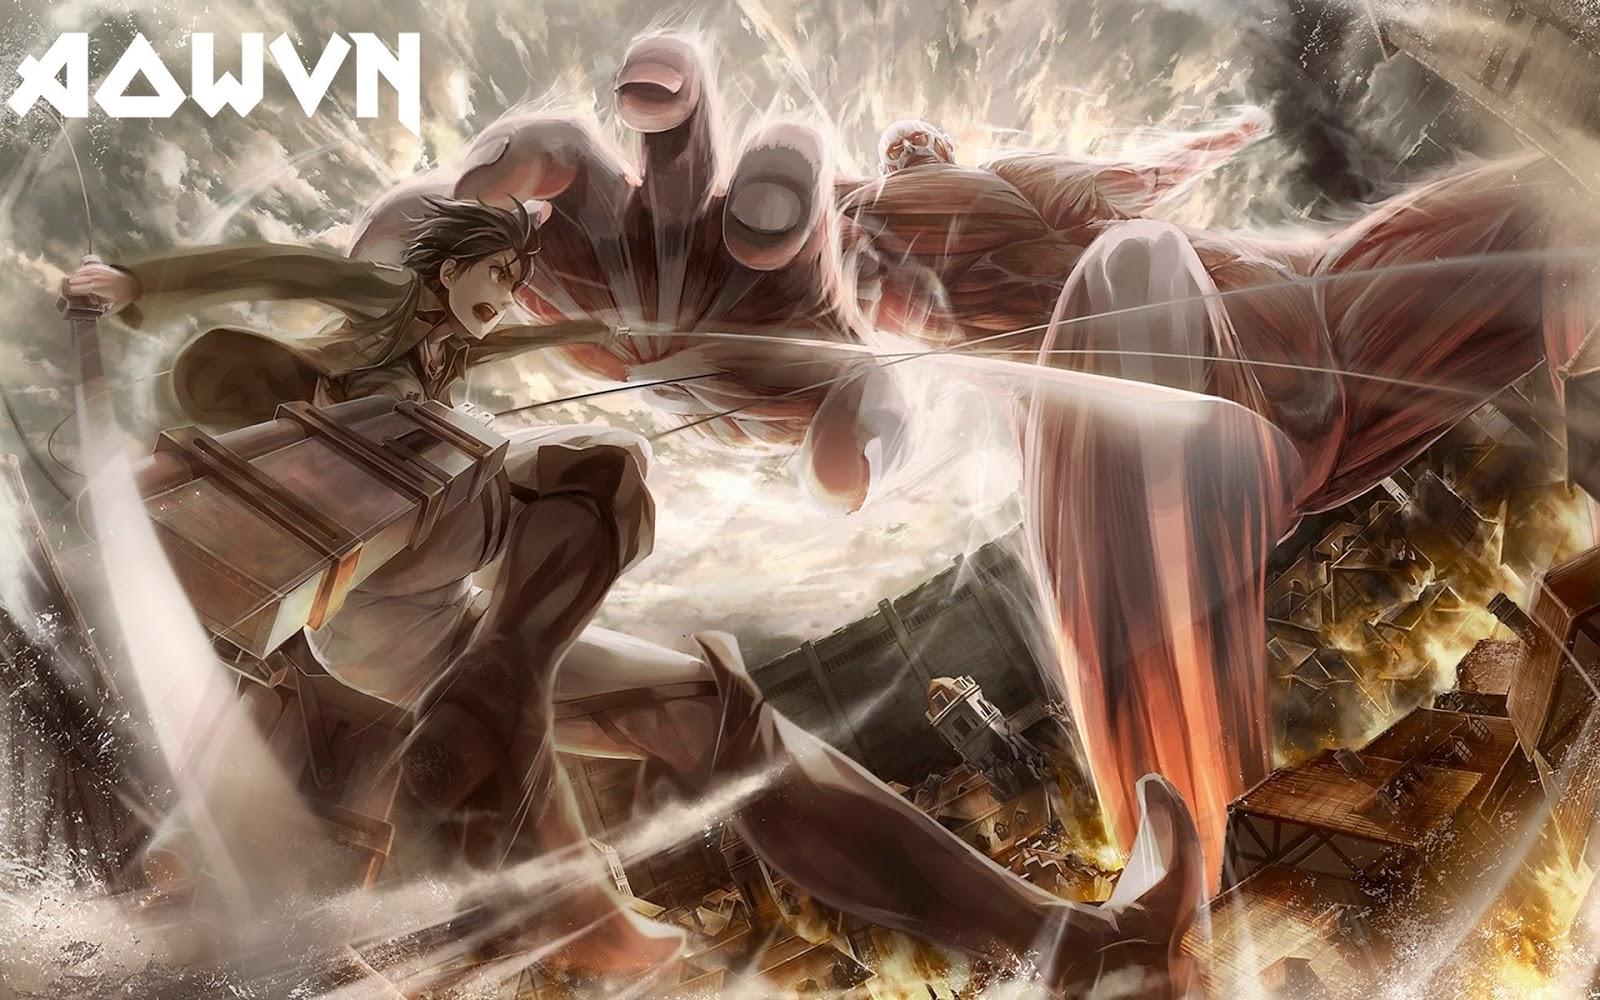 AOT%2B %2BPhatpro%2B%25284%2529 min - [ Anime 3gp Mp4 ] Attack On Titan SS3 | Vietsub - Tuyệt Phẩm Trở Lại - Cực Đỉnh